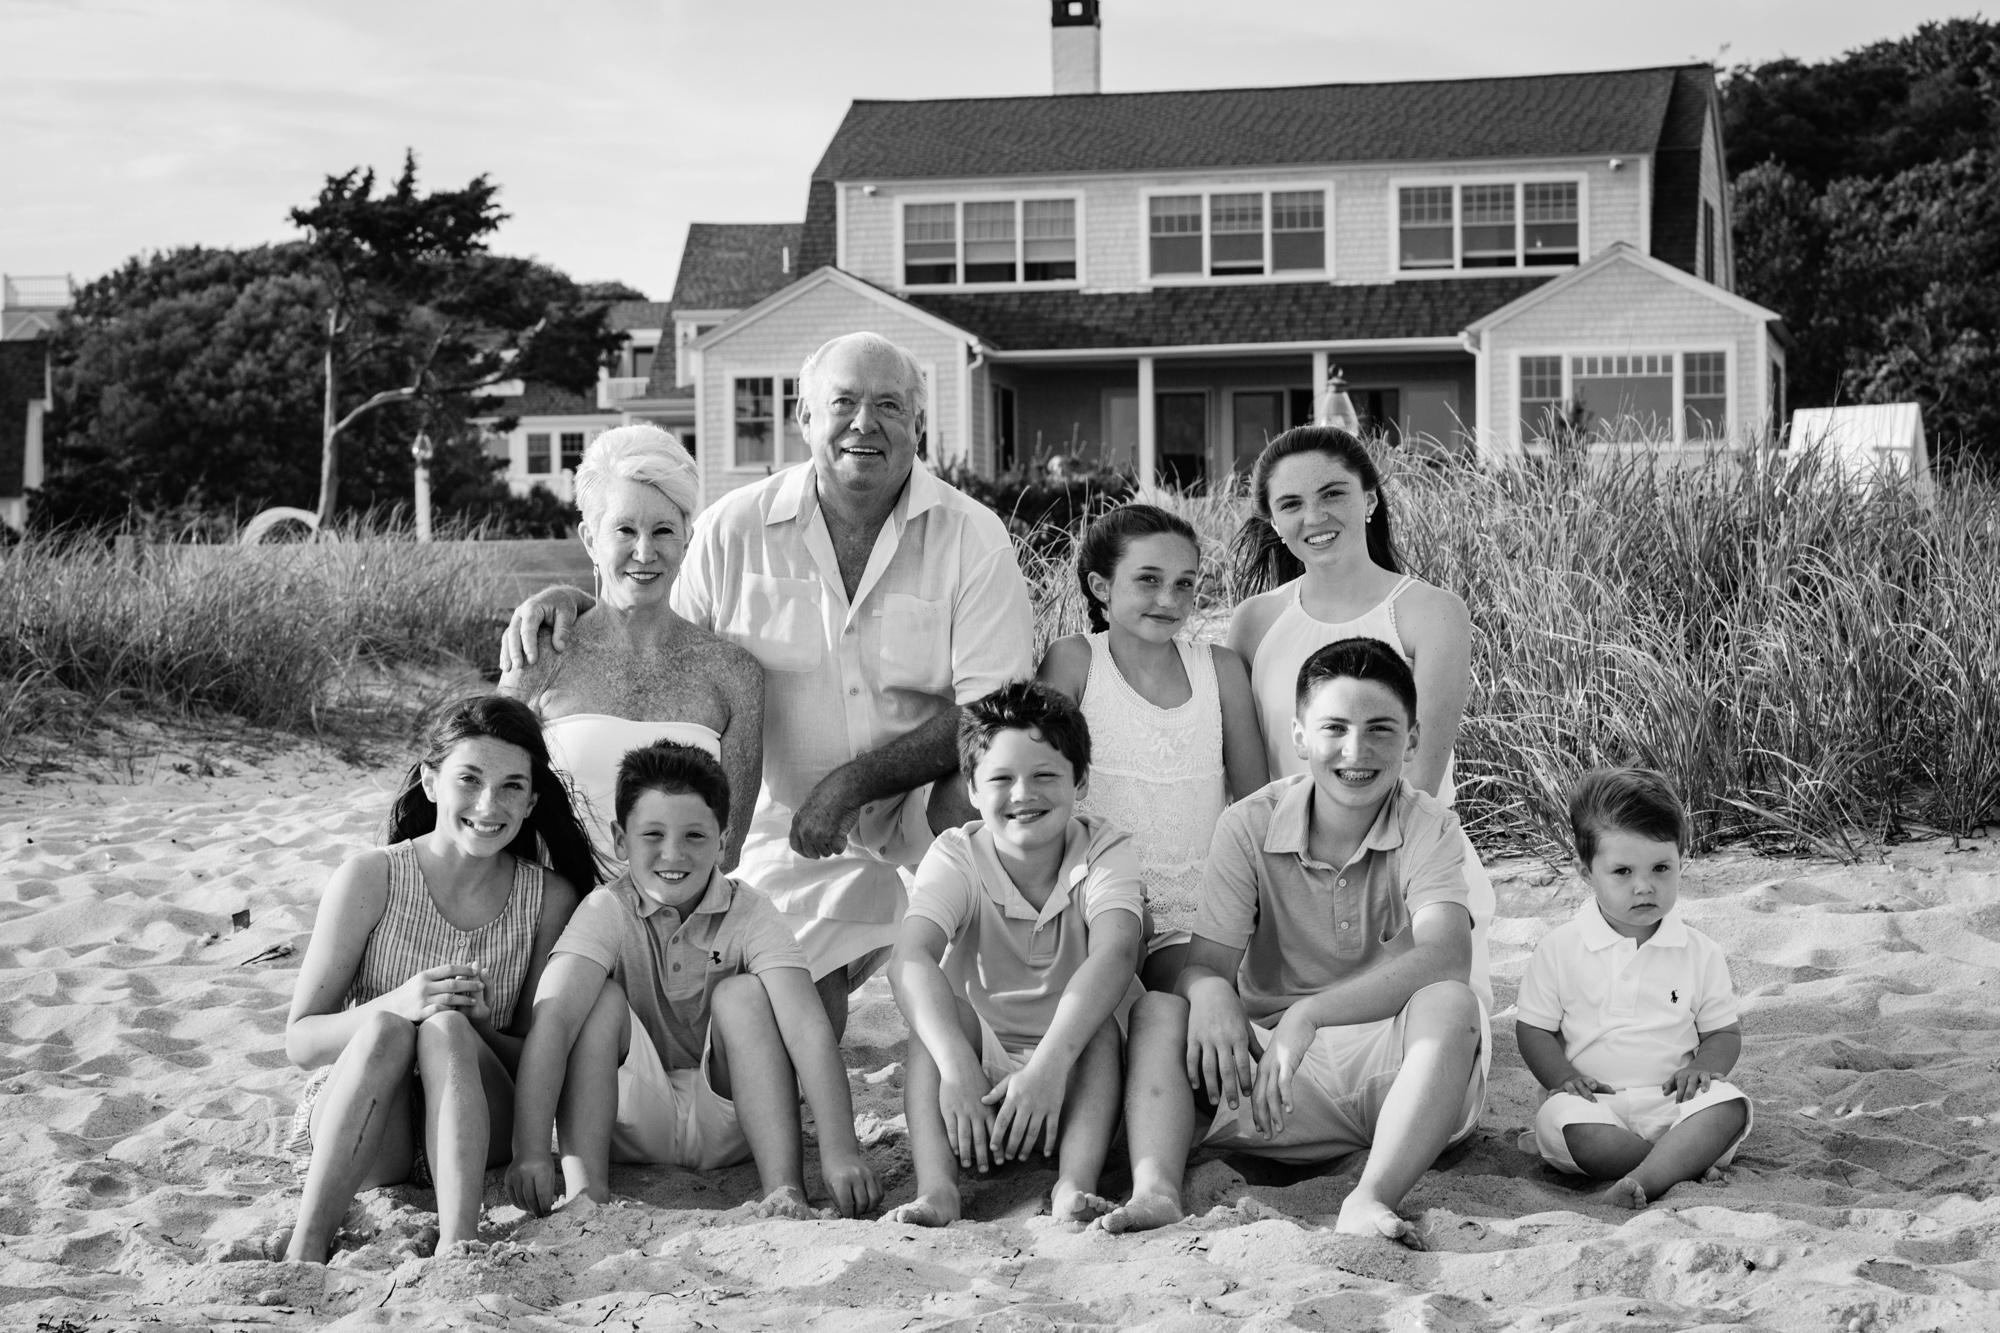 Grandparents with grandchildren black and white